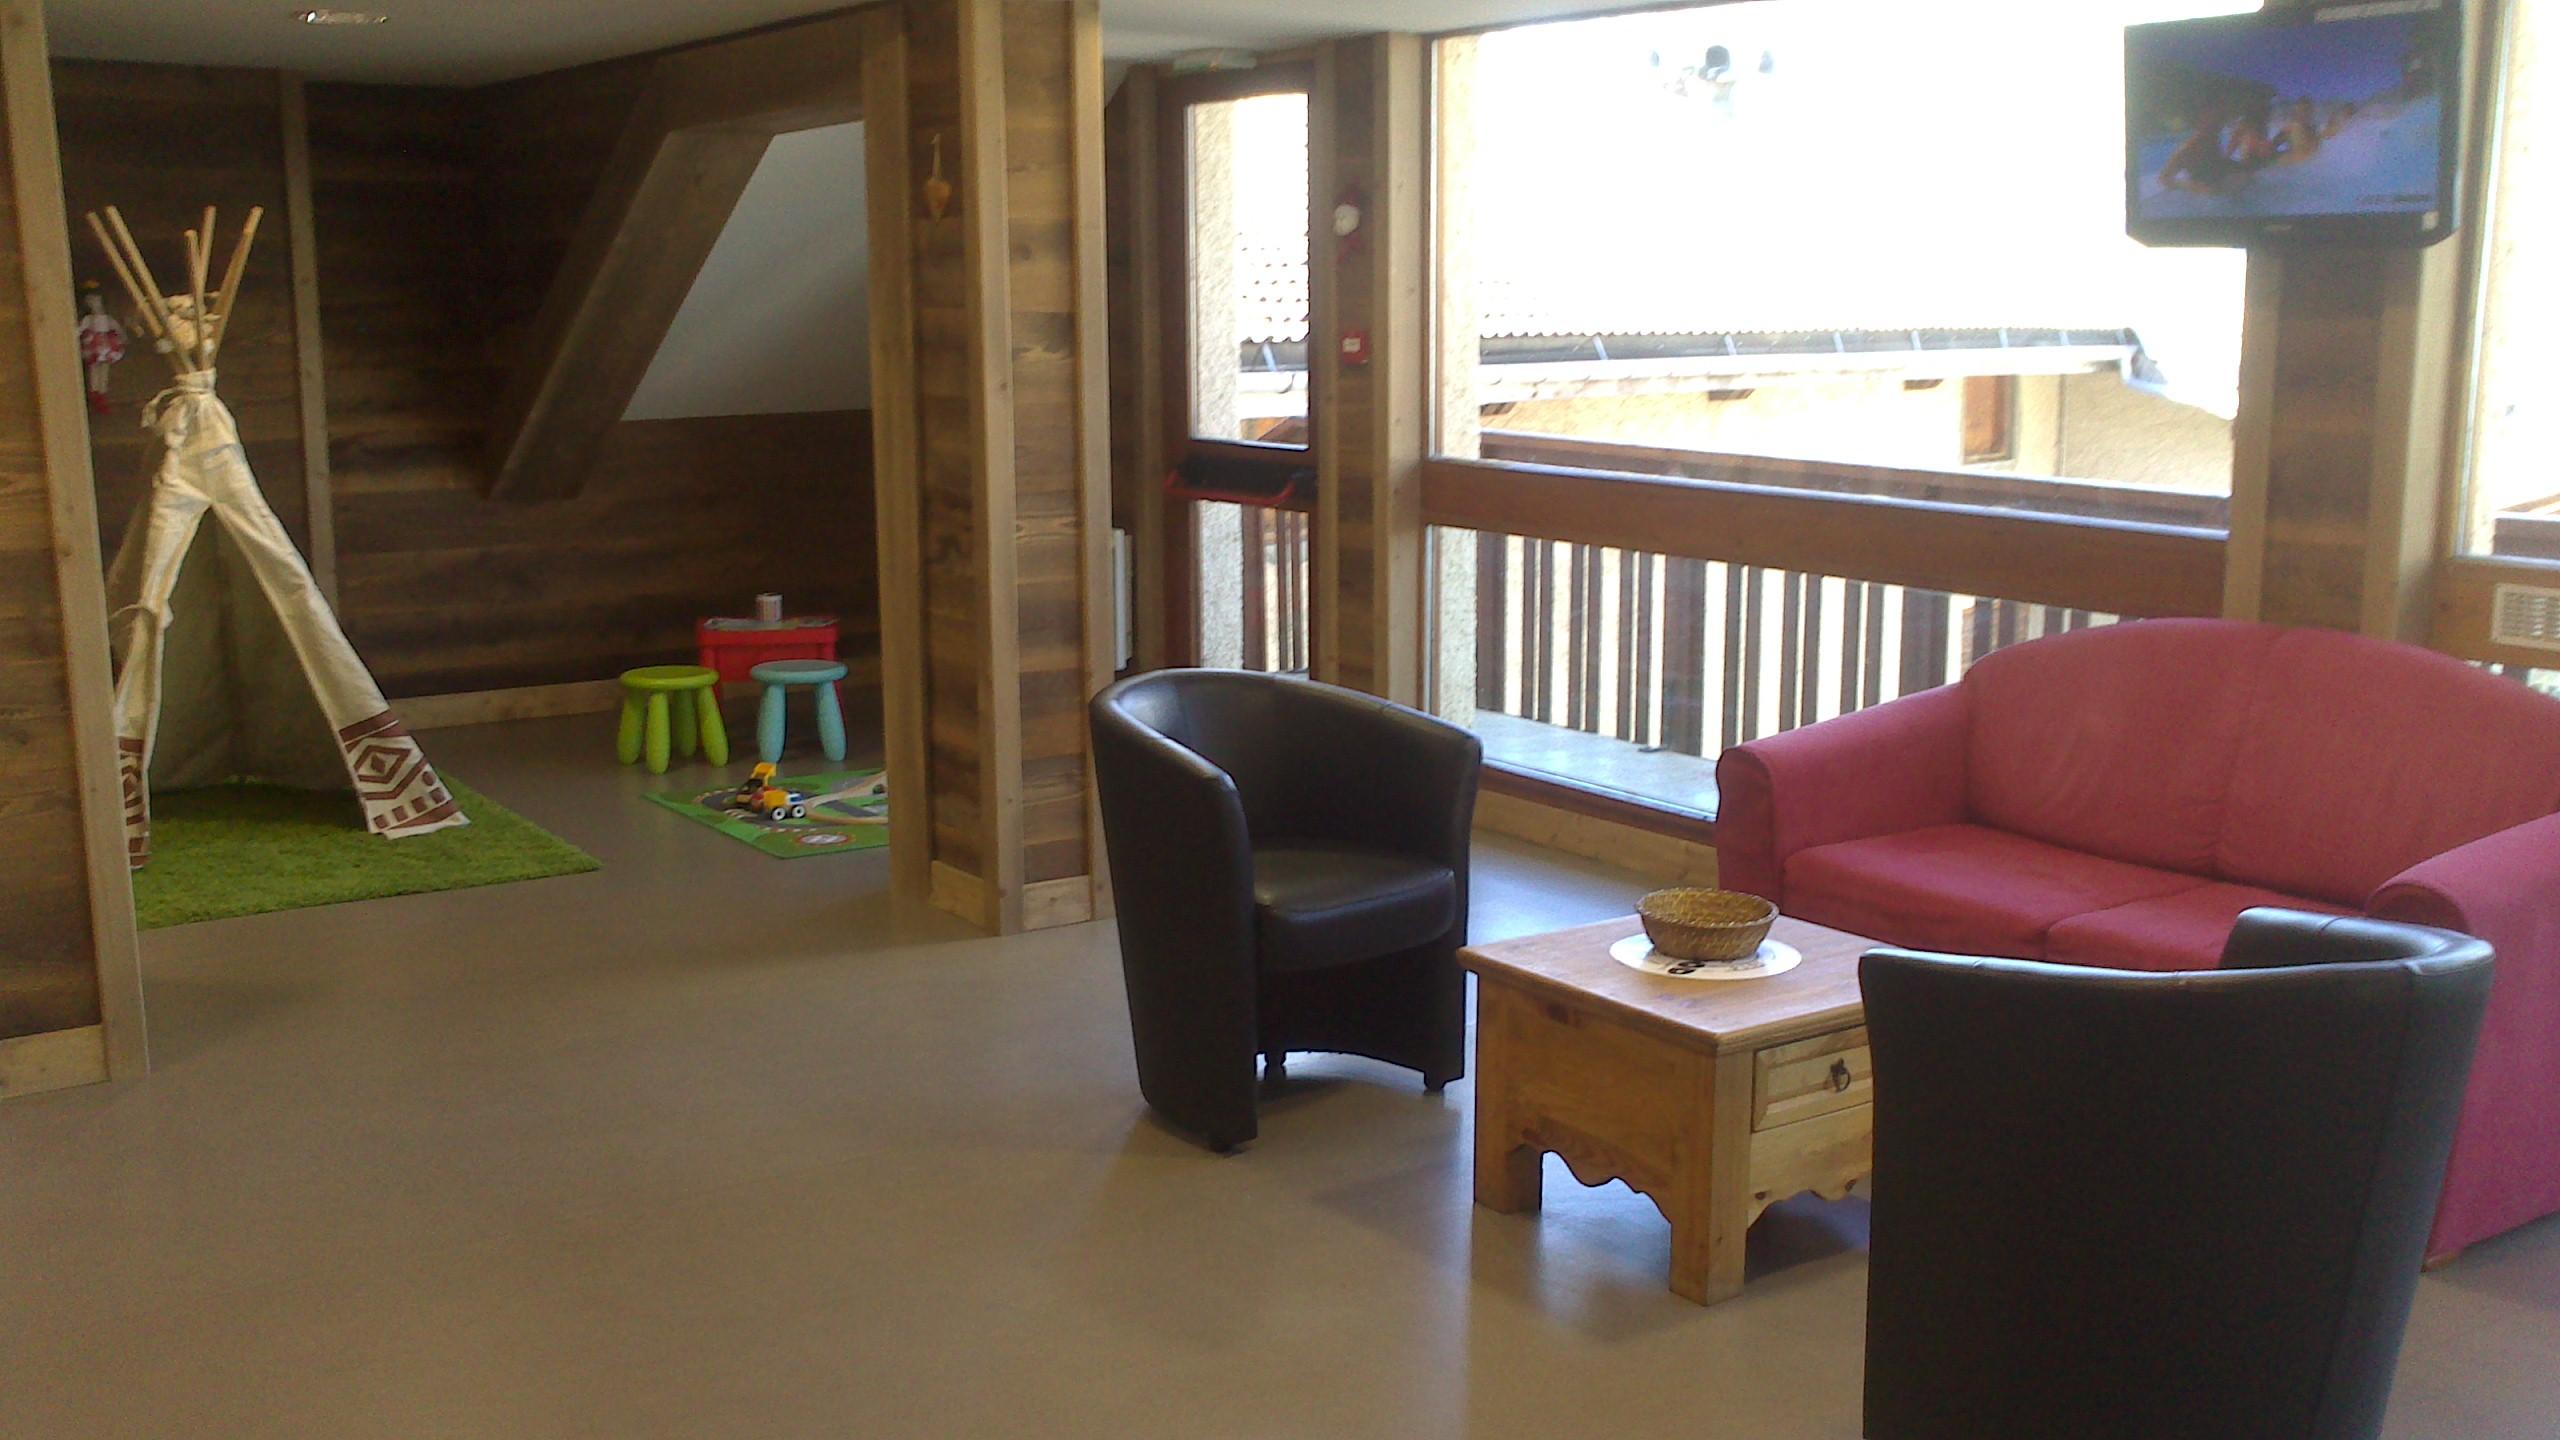 La plagne tourisme montchavin savoie mont blanc savoie - La plagne bellecote office du tourisme ...